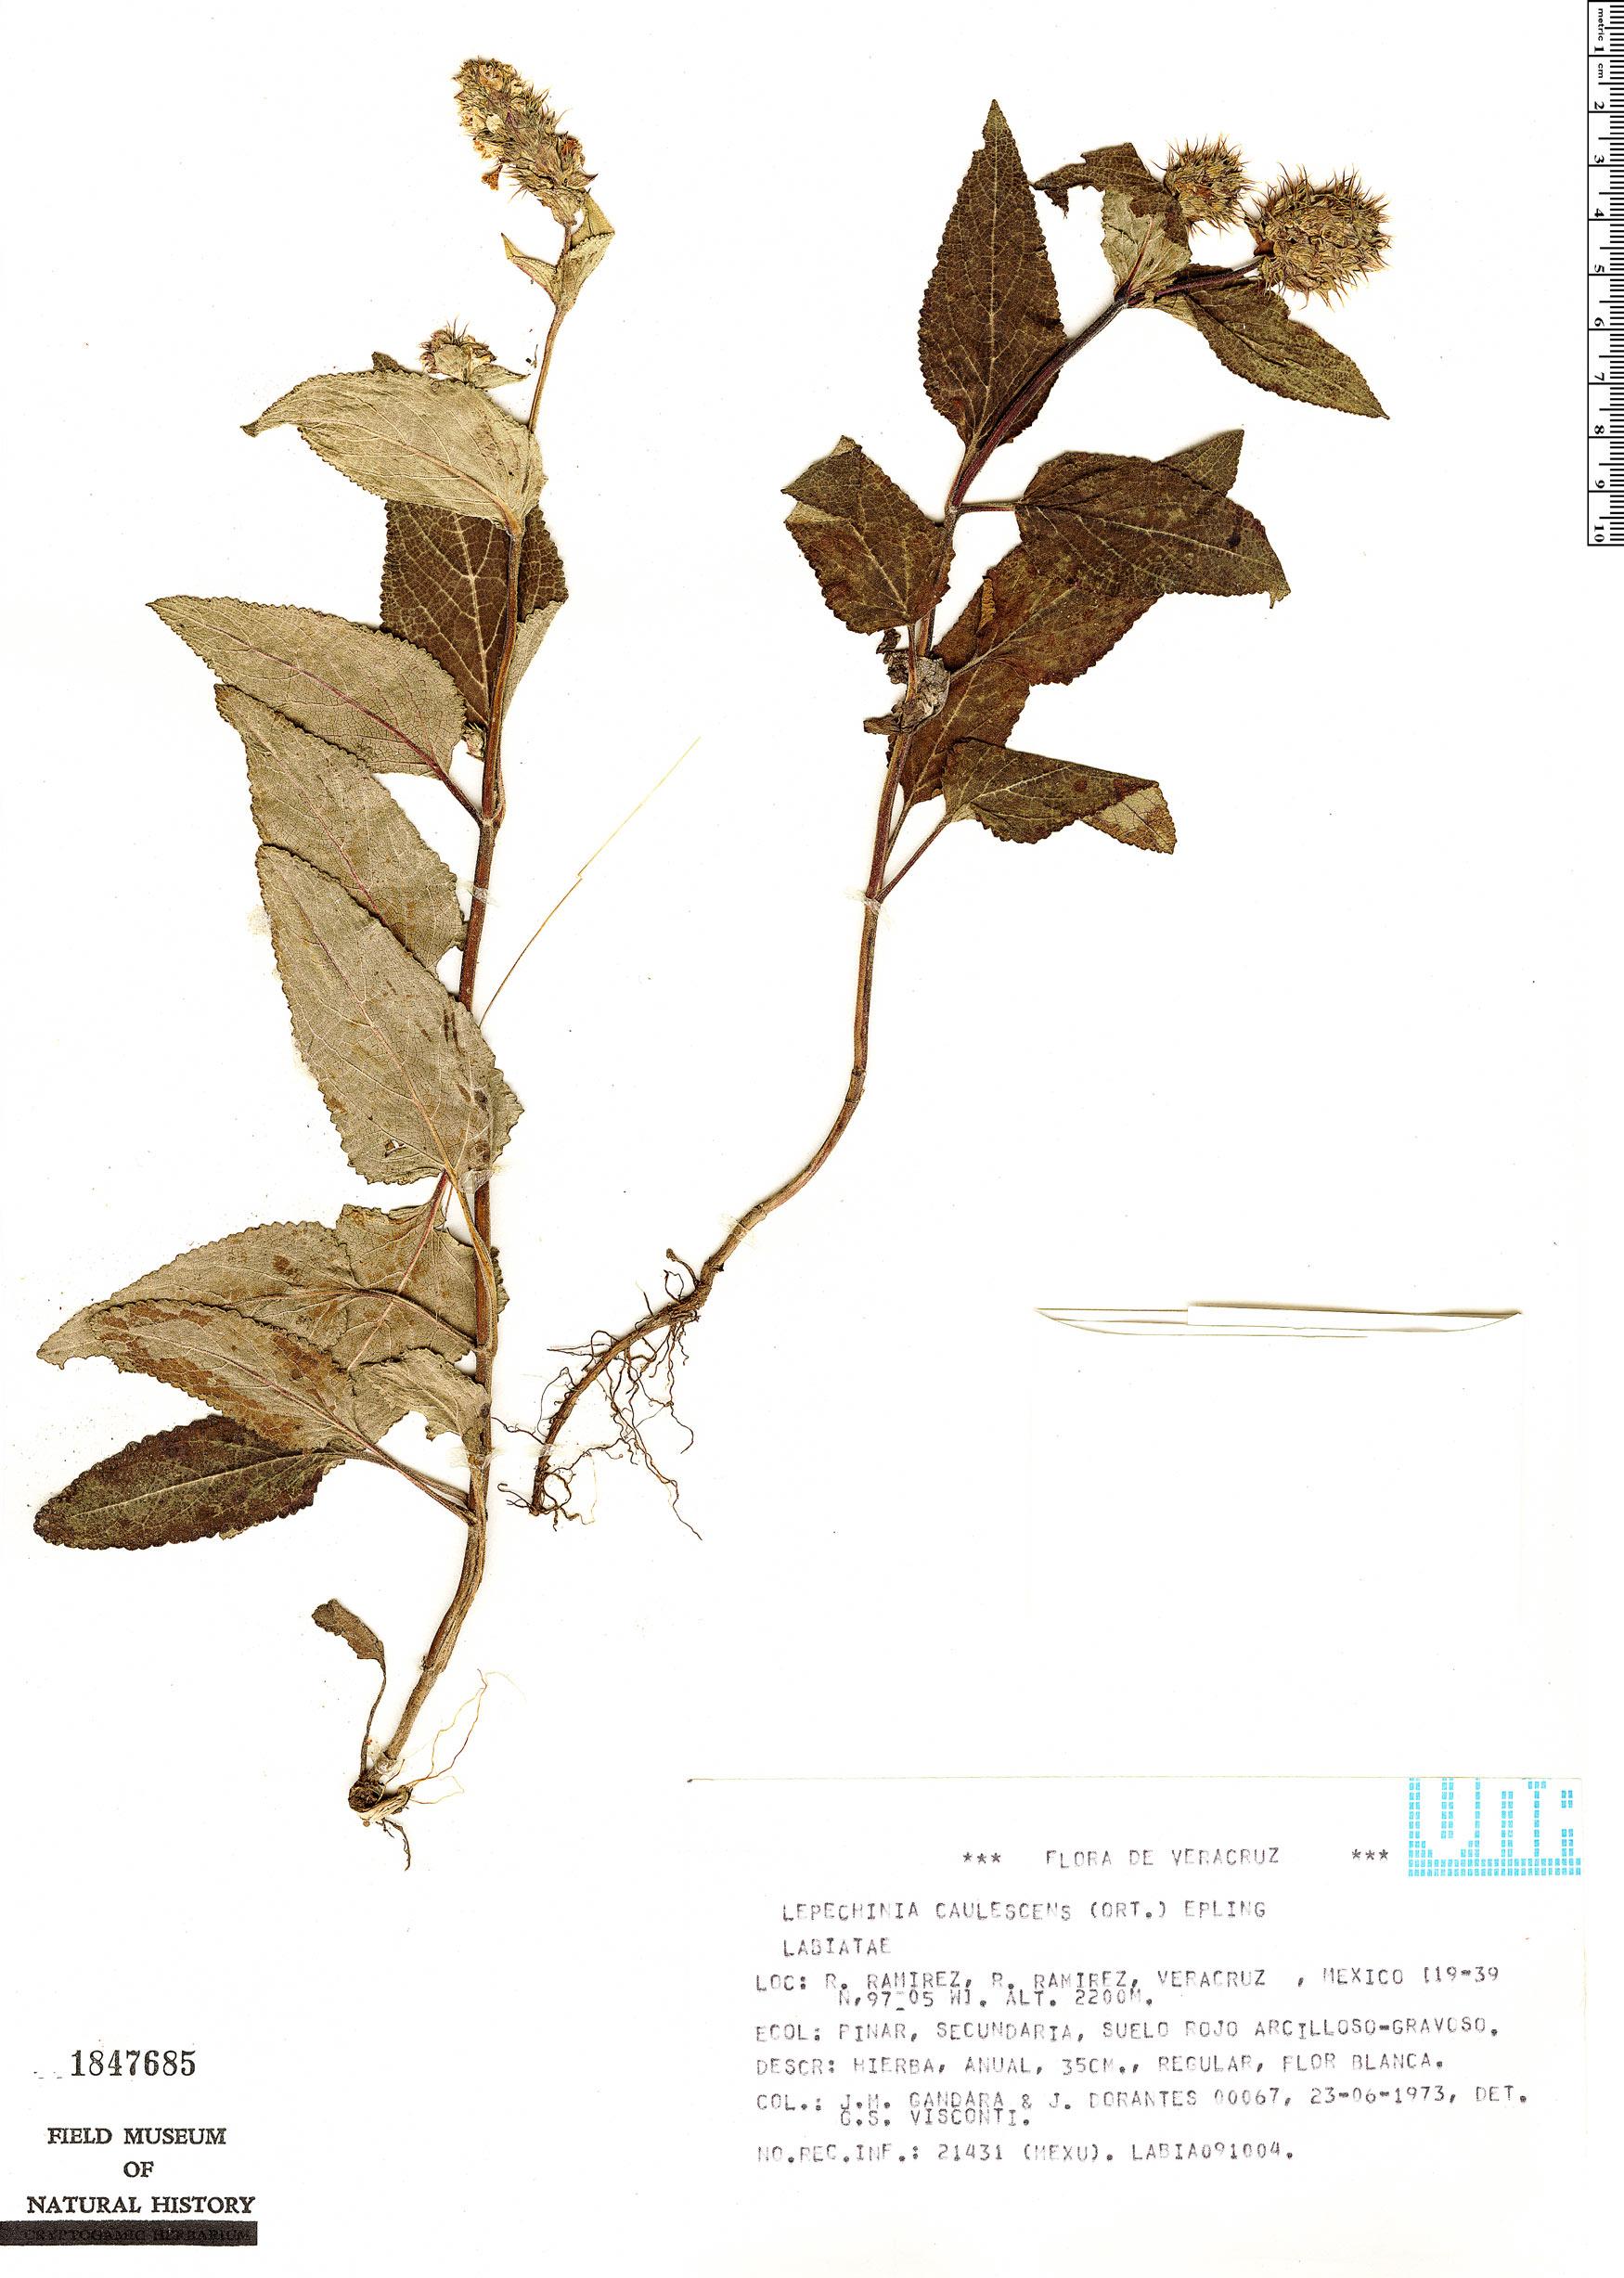 Specimen: Lepechinia caulescens